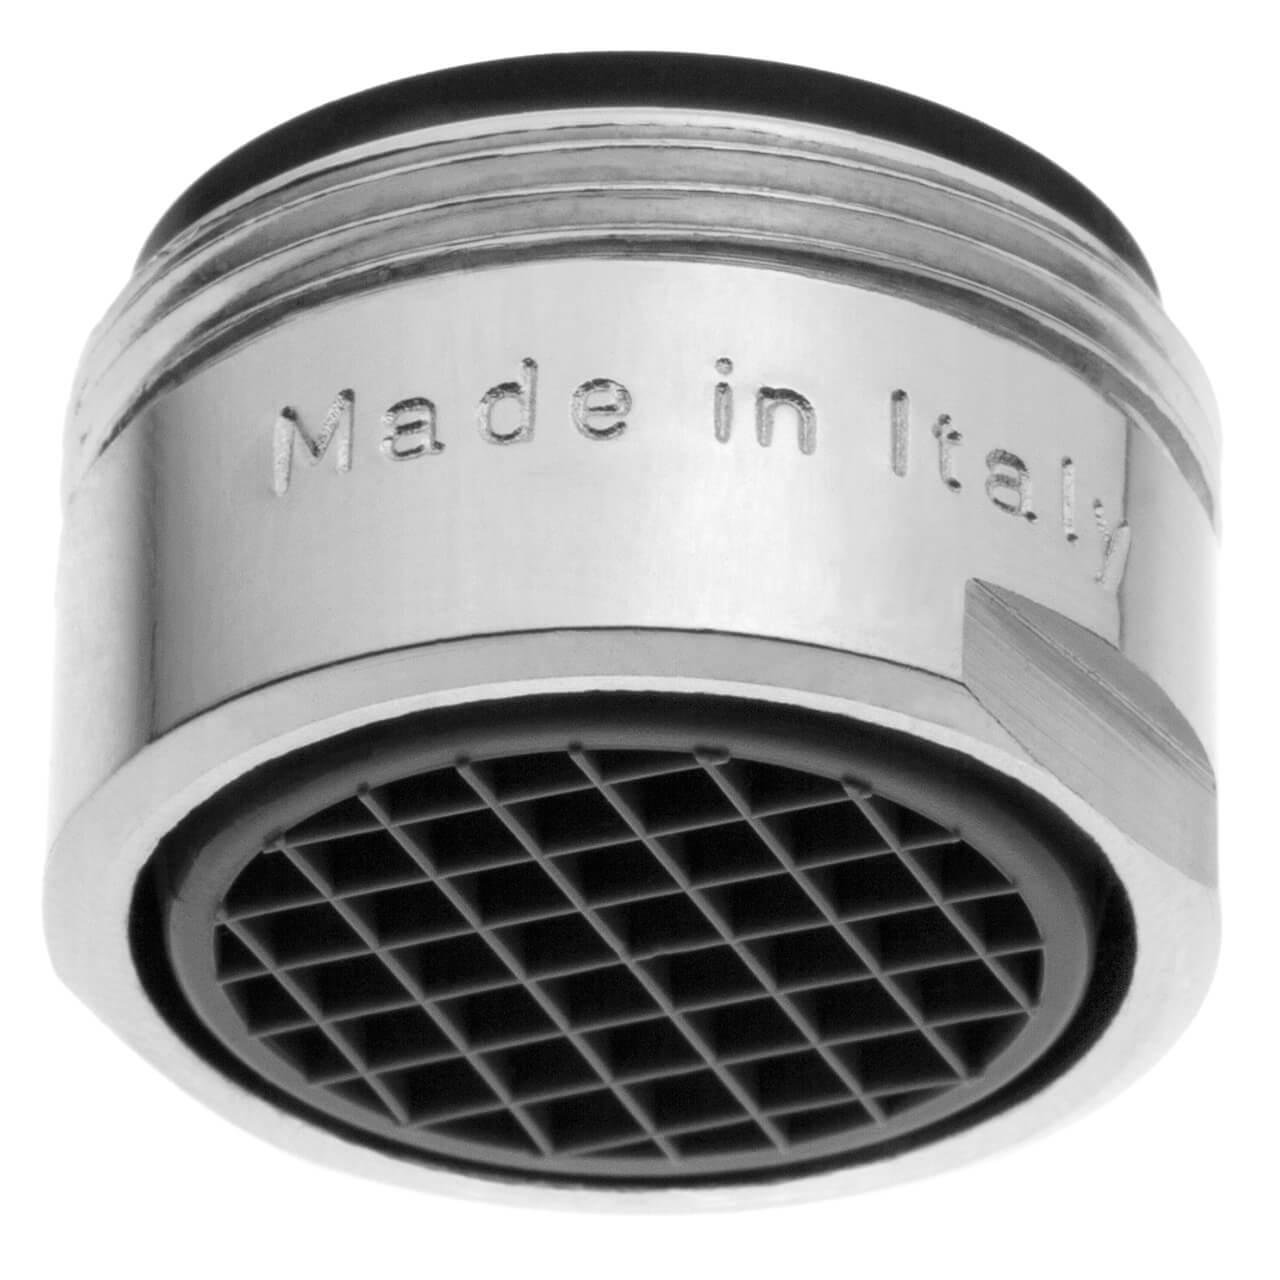 Aerator Terla FreeLime 1.7 l/min - Gwint M24x1 zewnętrzny - najbardziej popularny